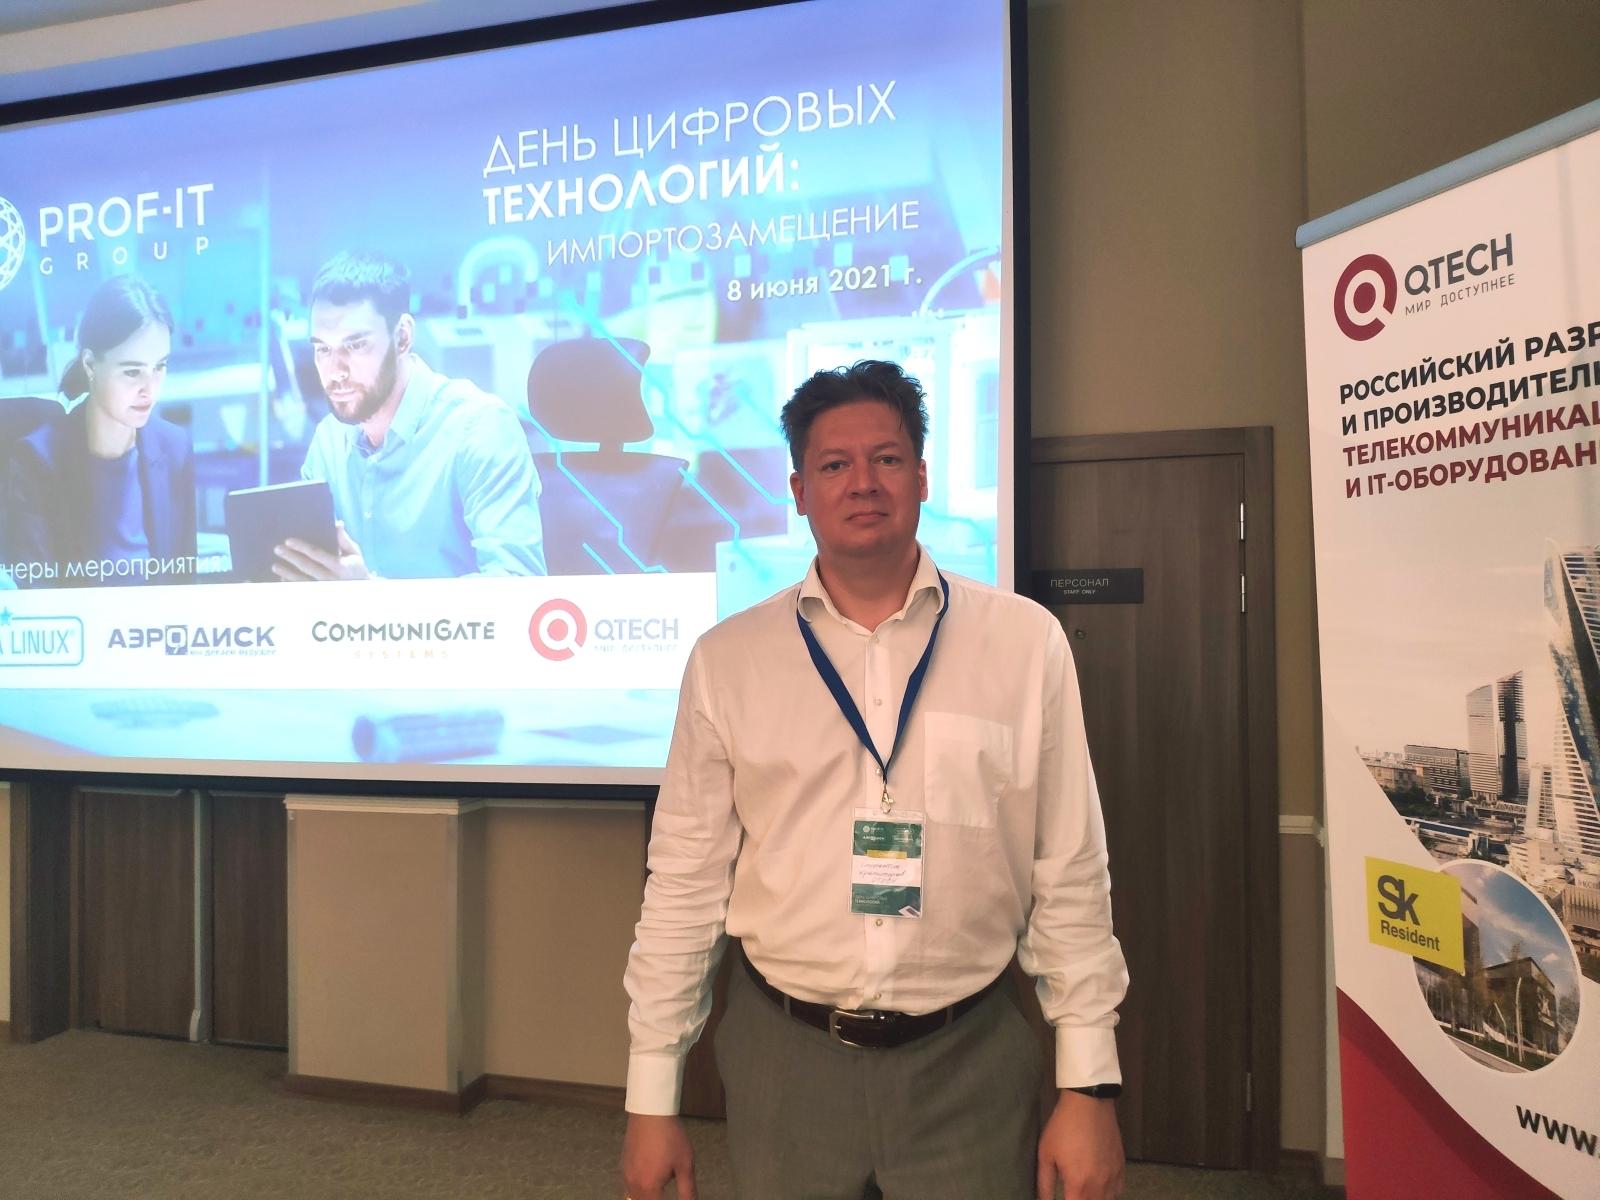 QTECH рассказала о мифах и реалиях импортозамещения на «Дне цифровых технологий»